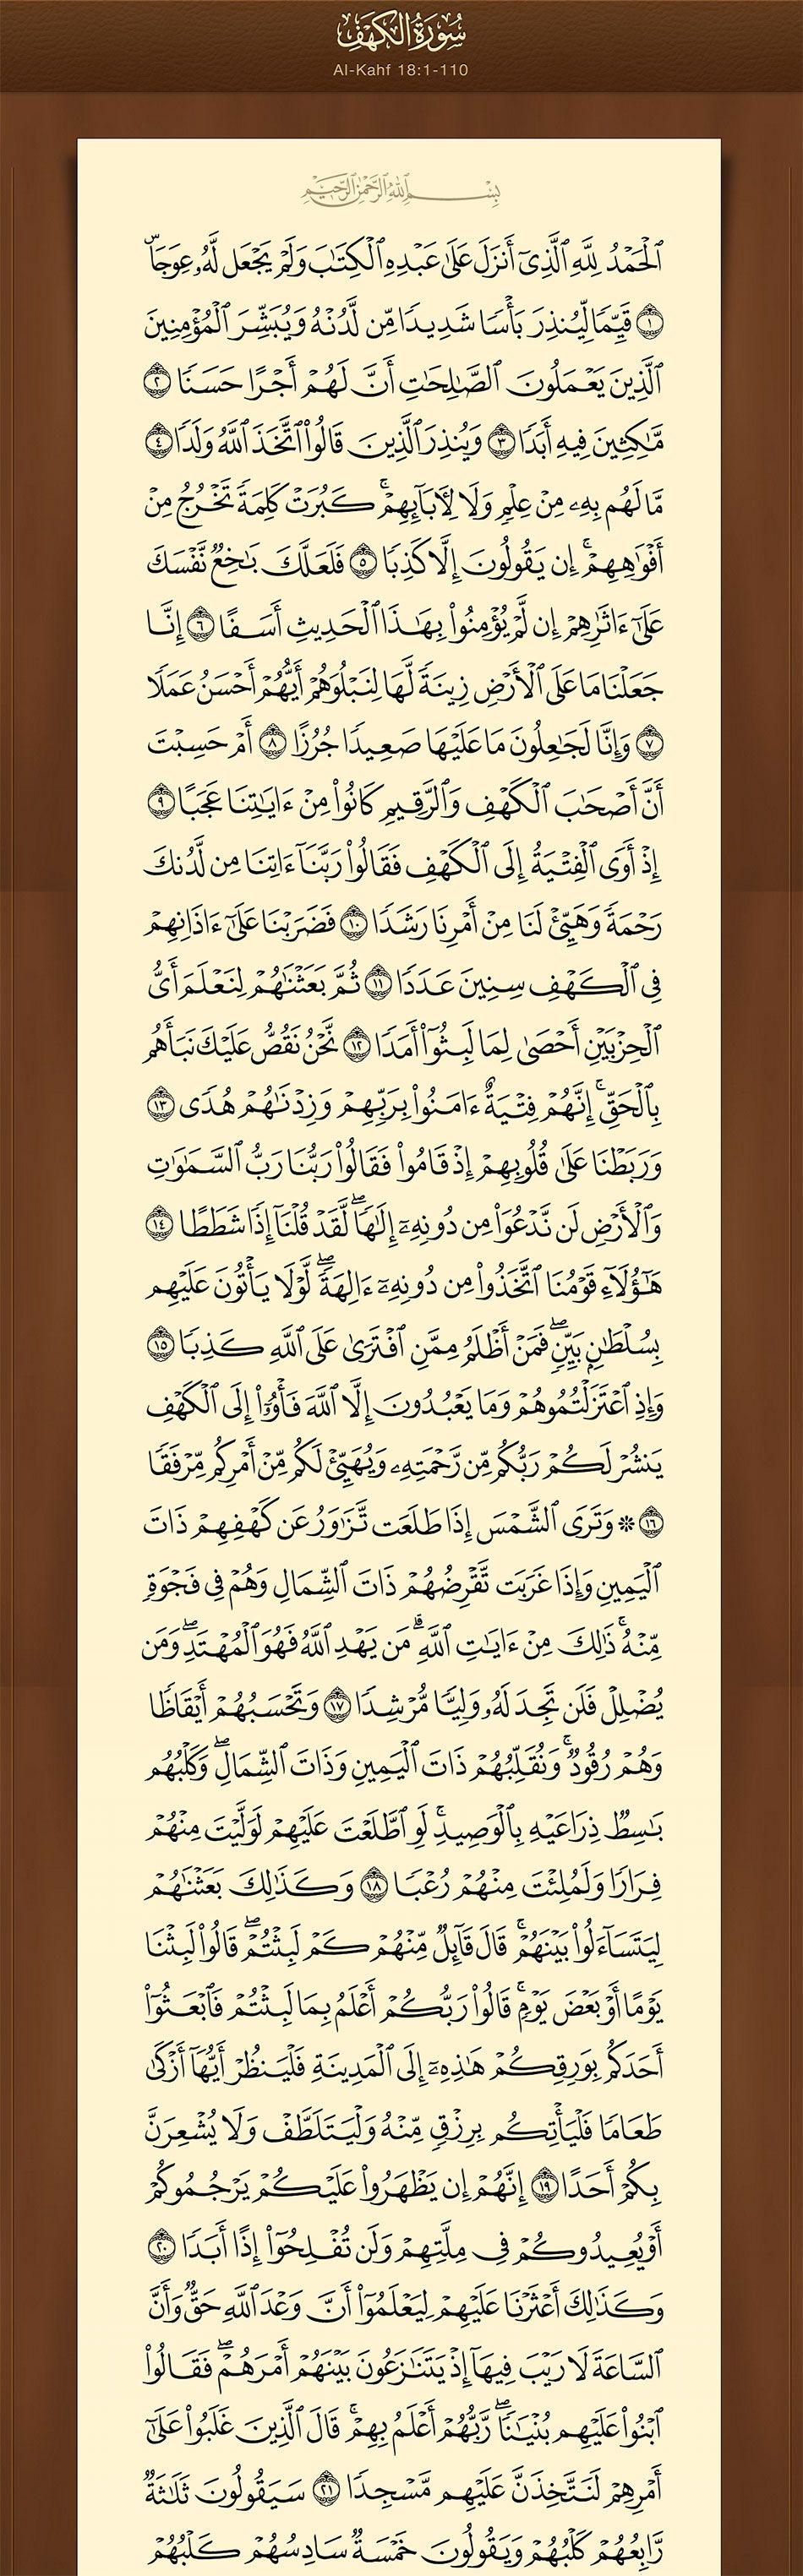 سورة الكهف بصفحة واحدة Islam Quran Quran Verses Islam Facts